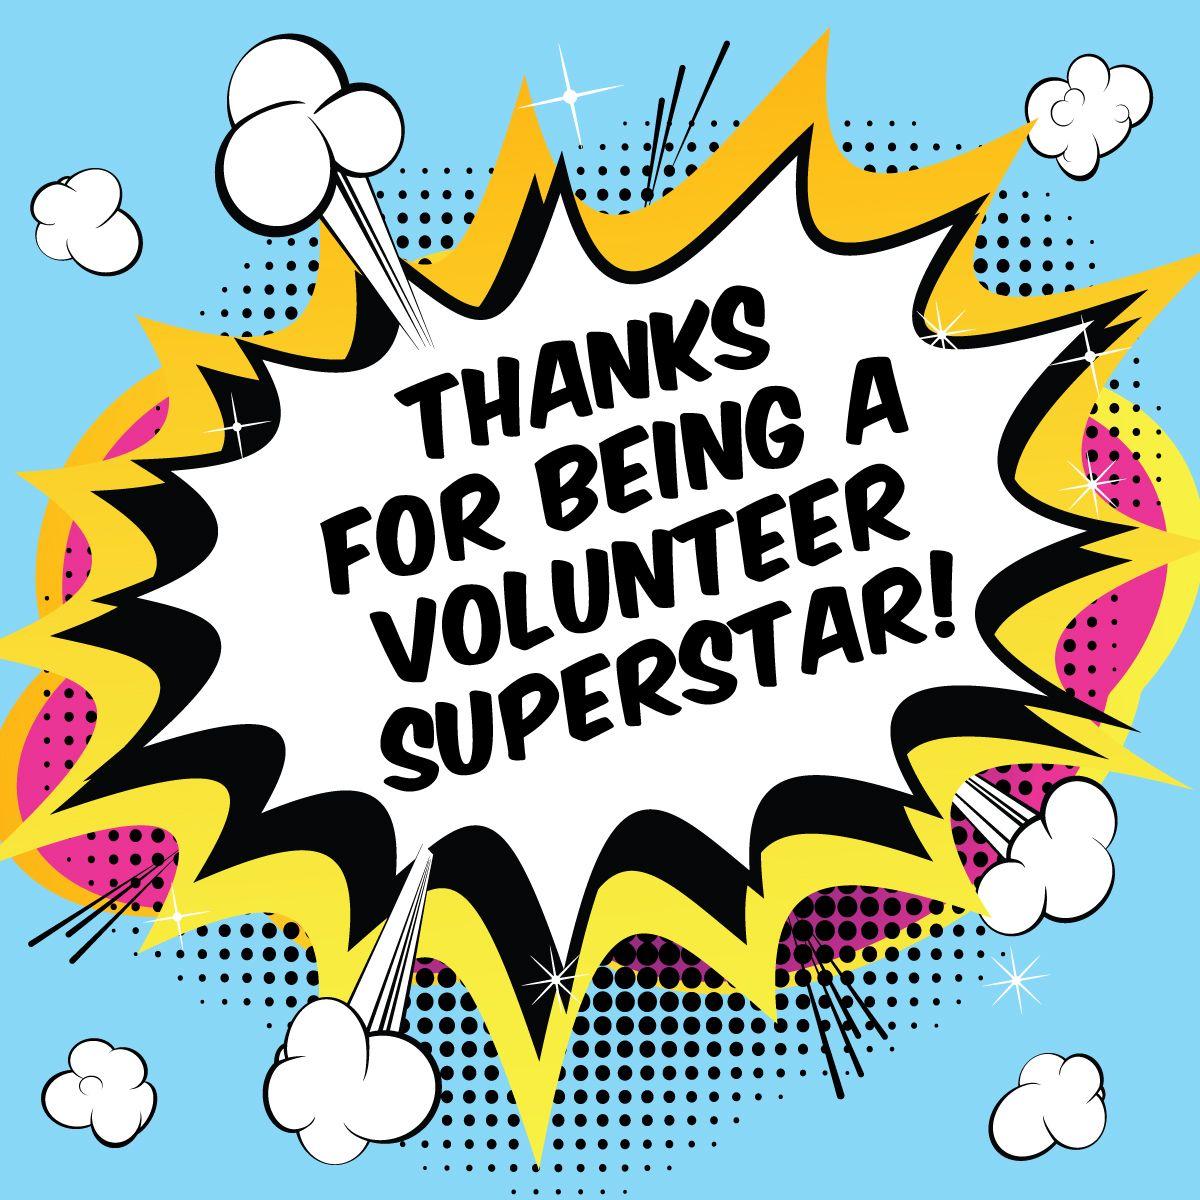 Facebook Graphics for School Volunteer Appreciation.